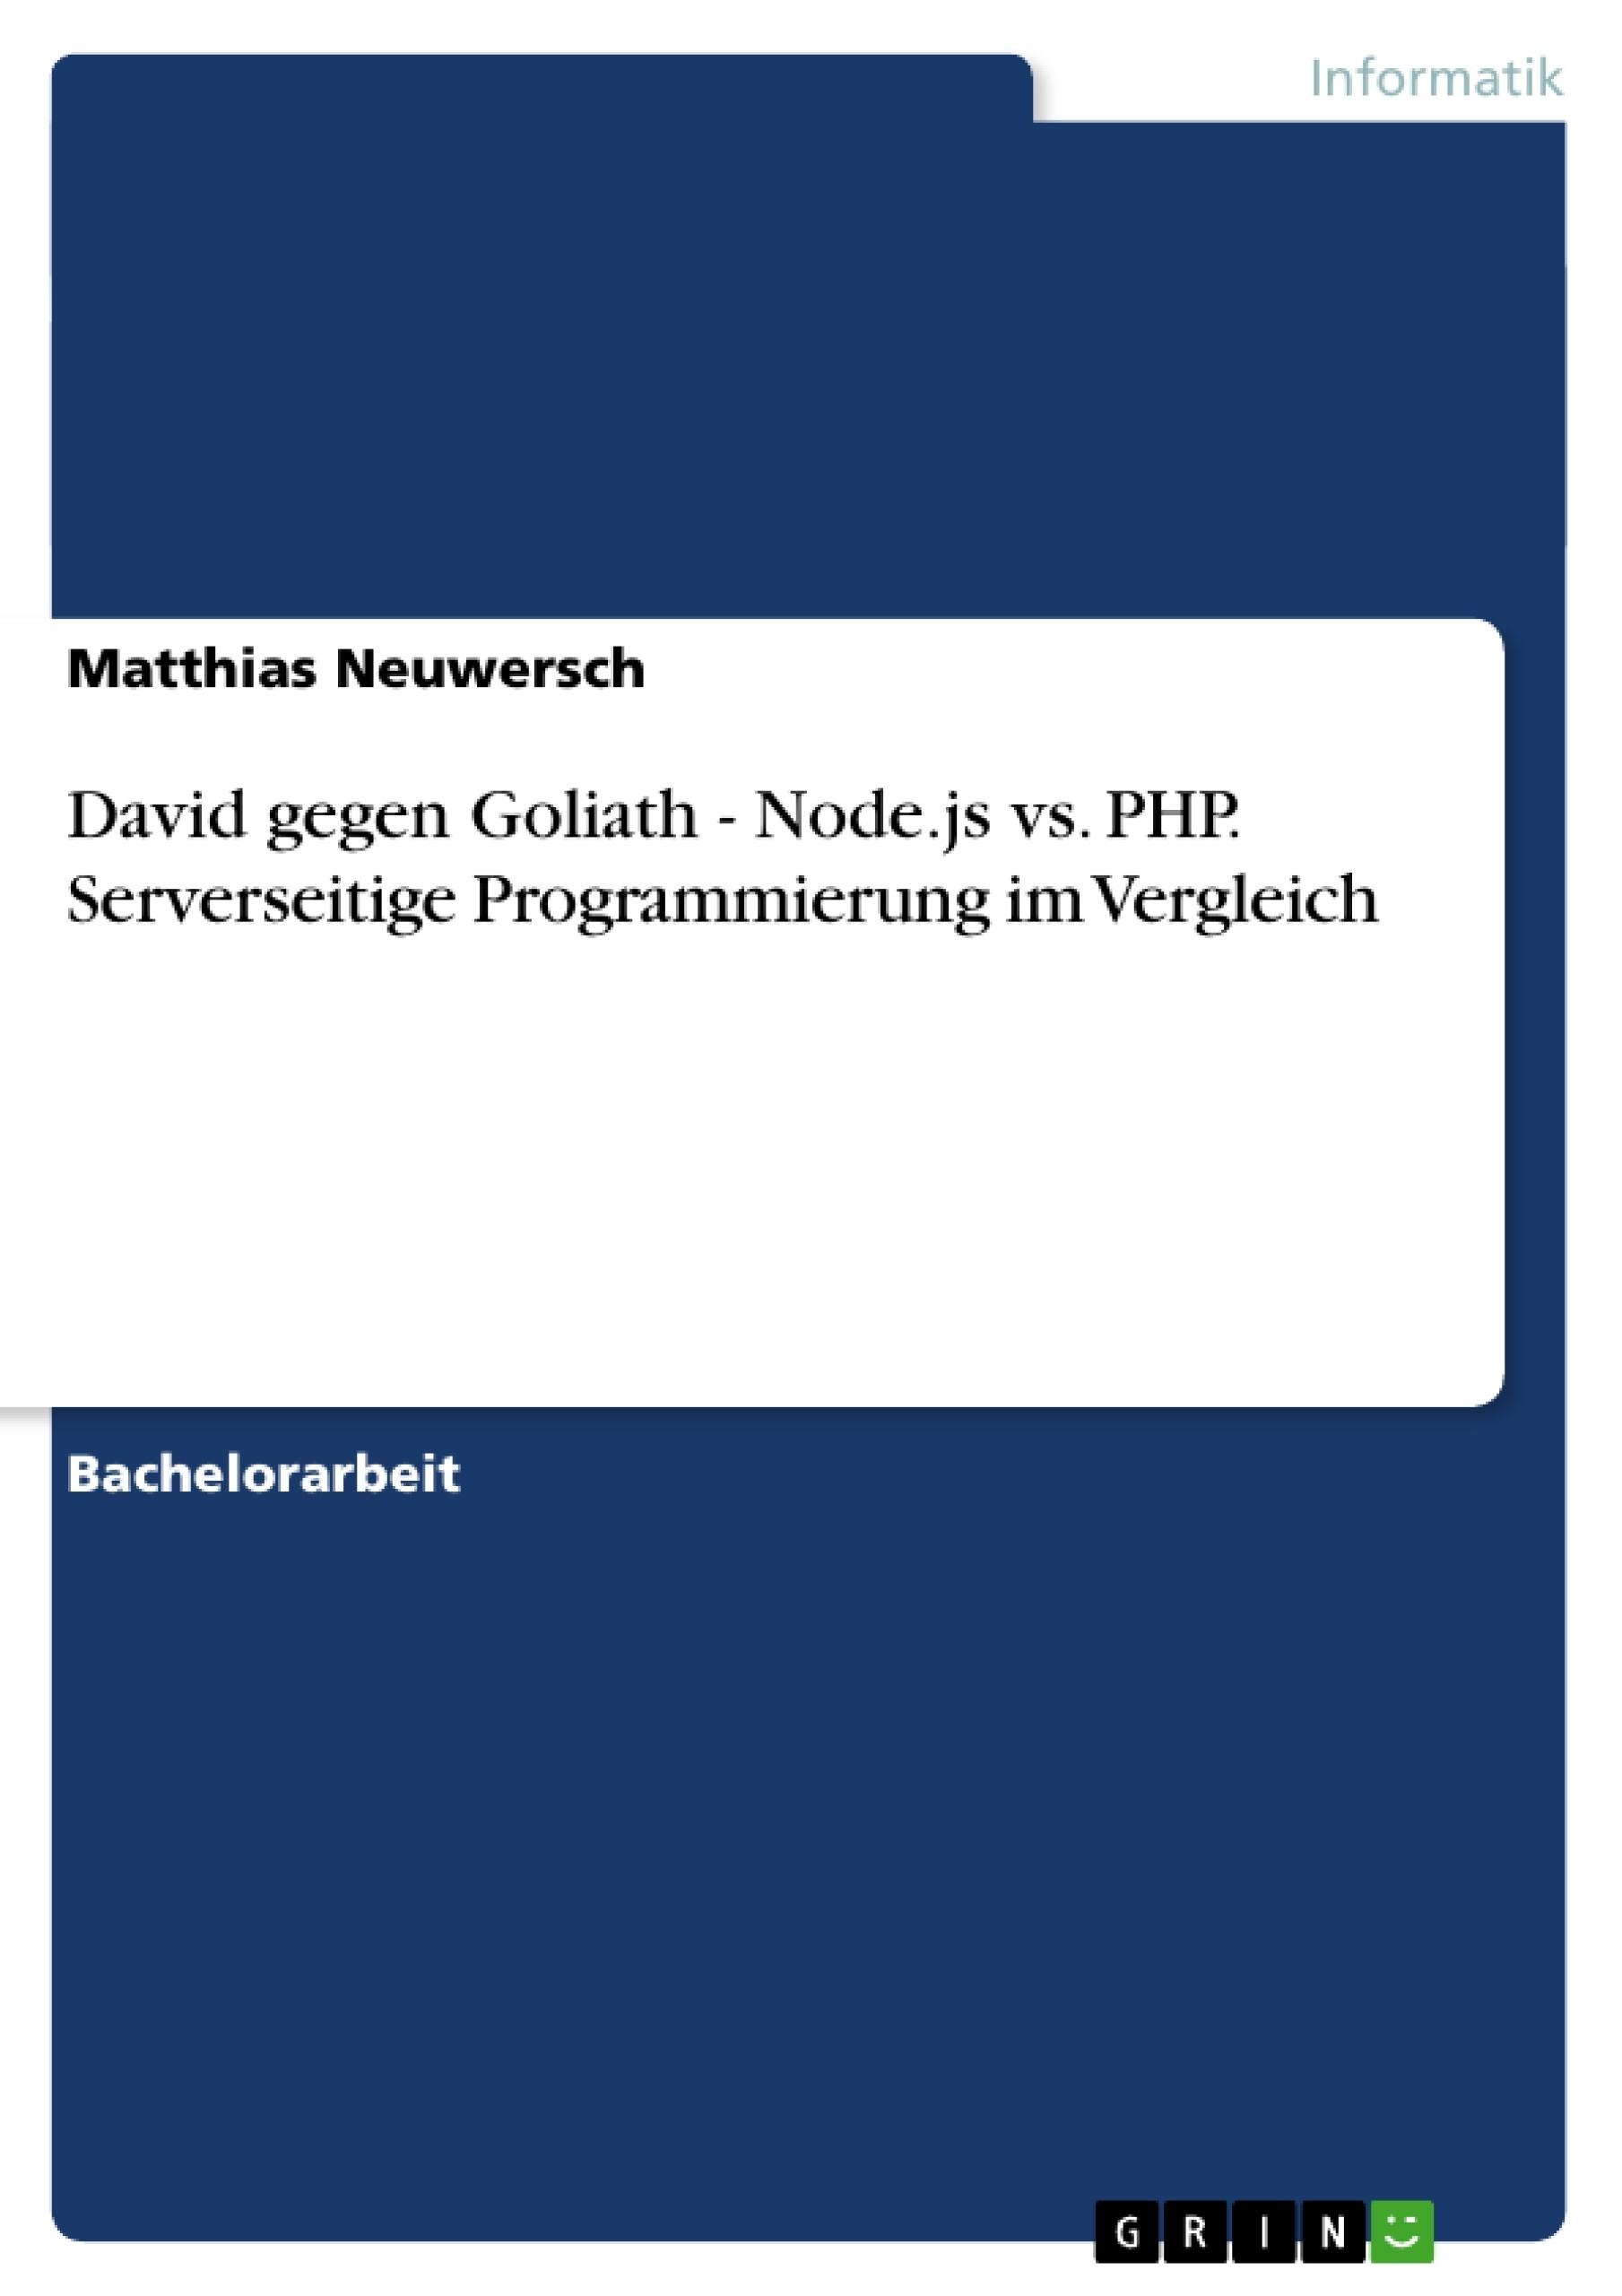 Titel: David gegen Goliath - Node.js vs. PHP. Serverseitige Programmierung im Vergleich